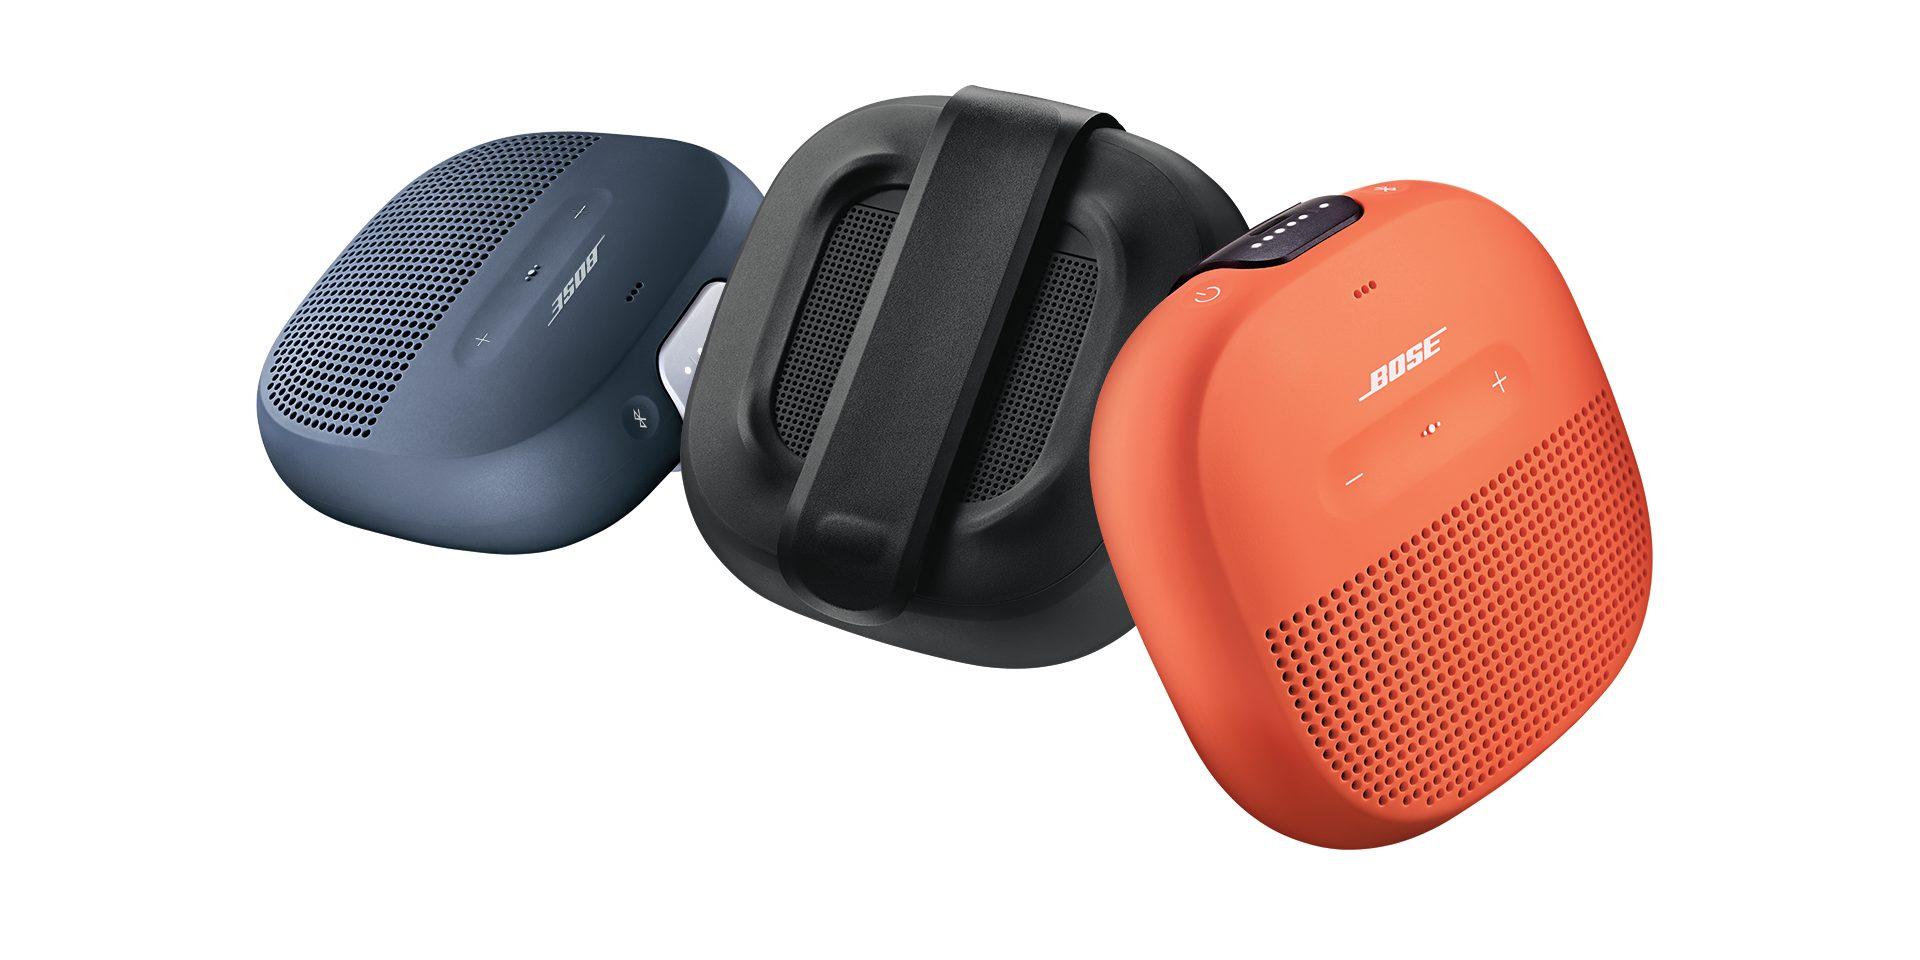 bose soundlink micro speaker. Black Bedroom Furniture Sets. Home Design Ideas